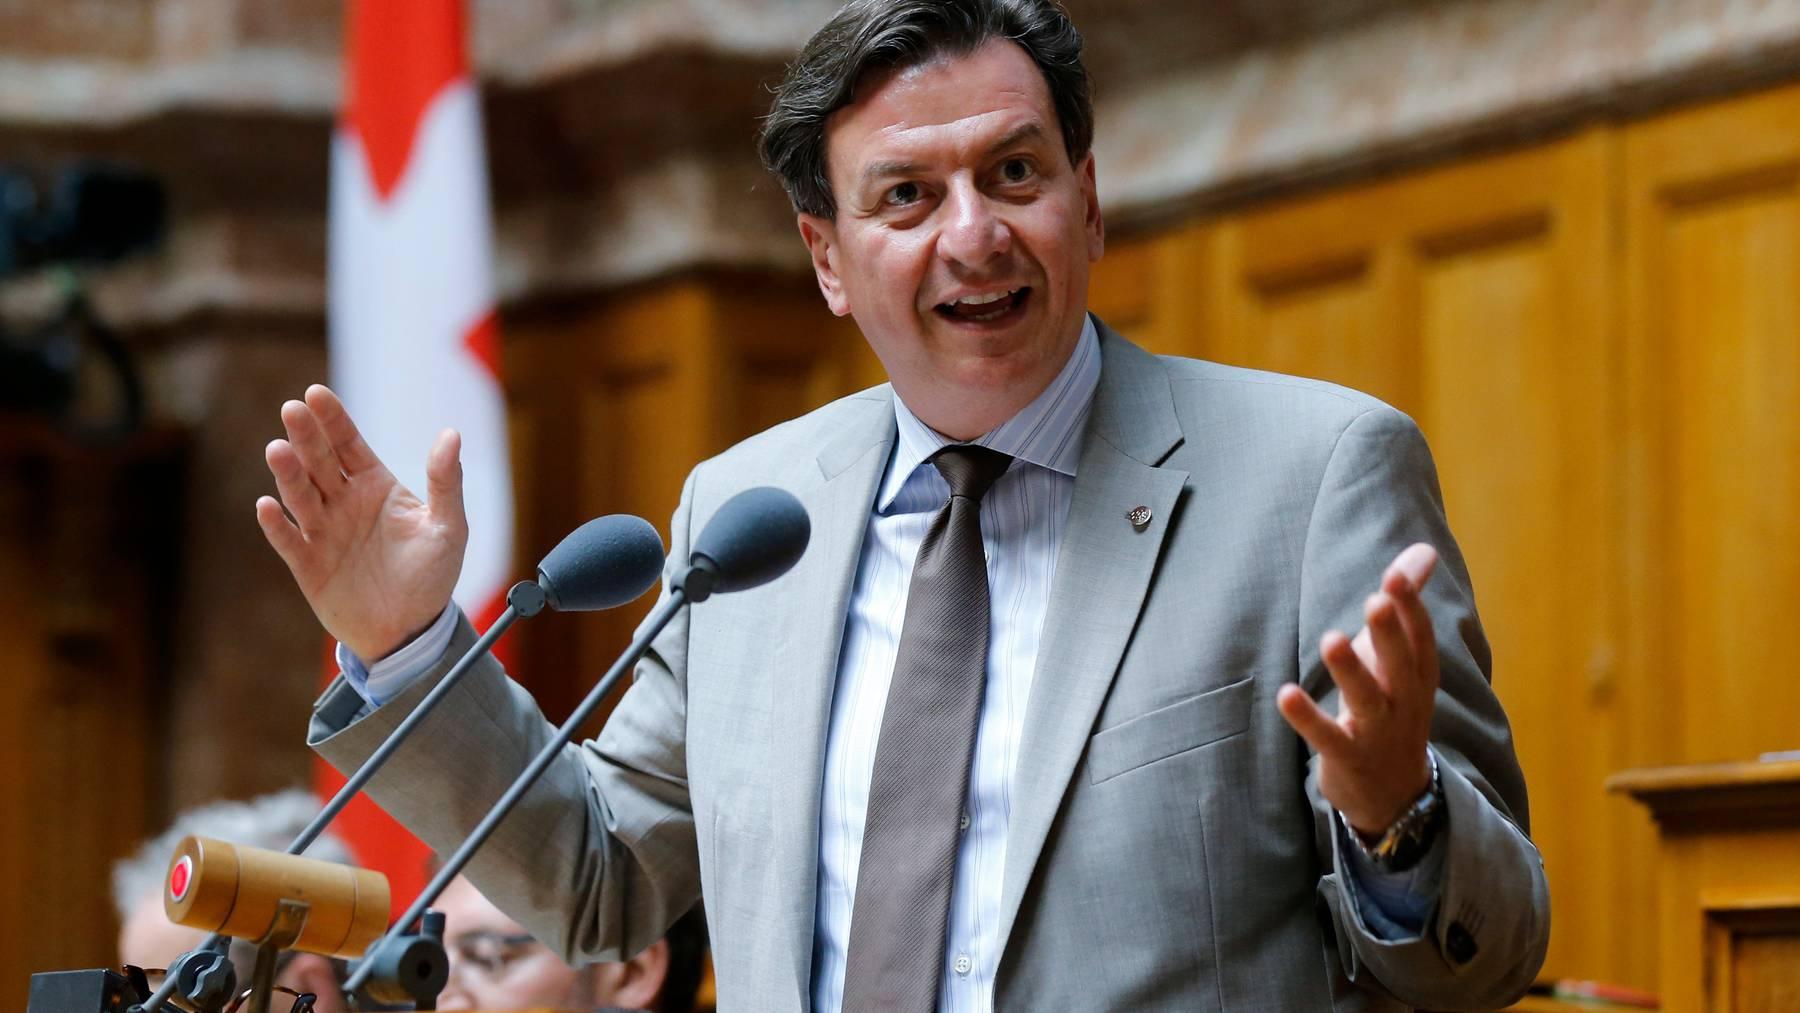 Der abgewählte Berner SP-Nationalrat und Gewerkschafter Corrado Pardini macht sich selbstständig und wird Post-Verwaltungsrat.